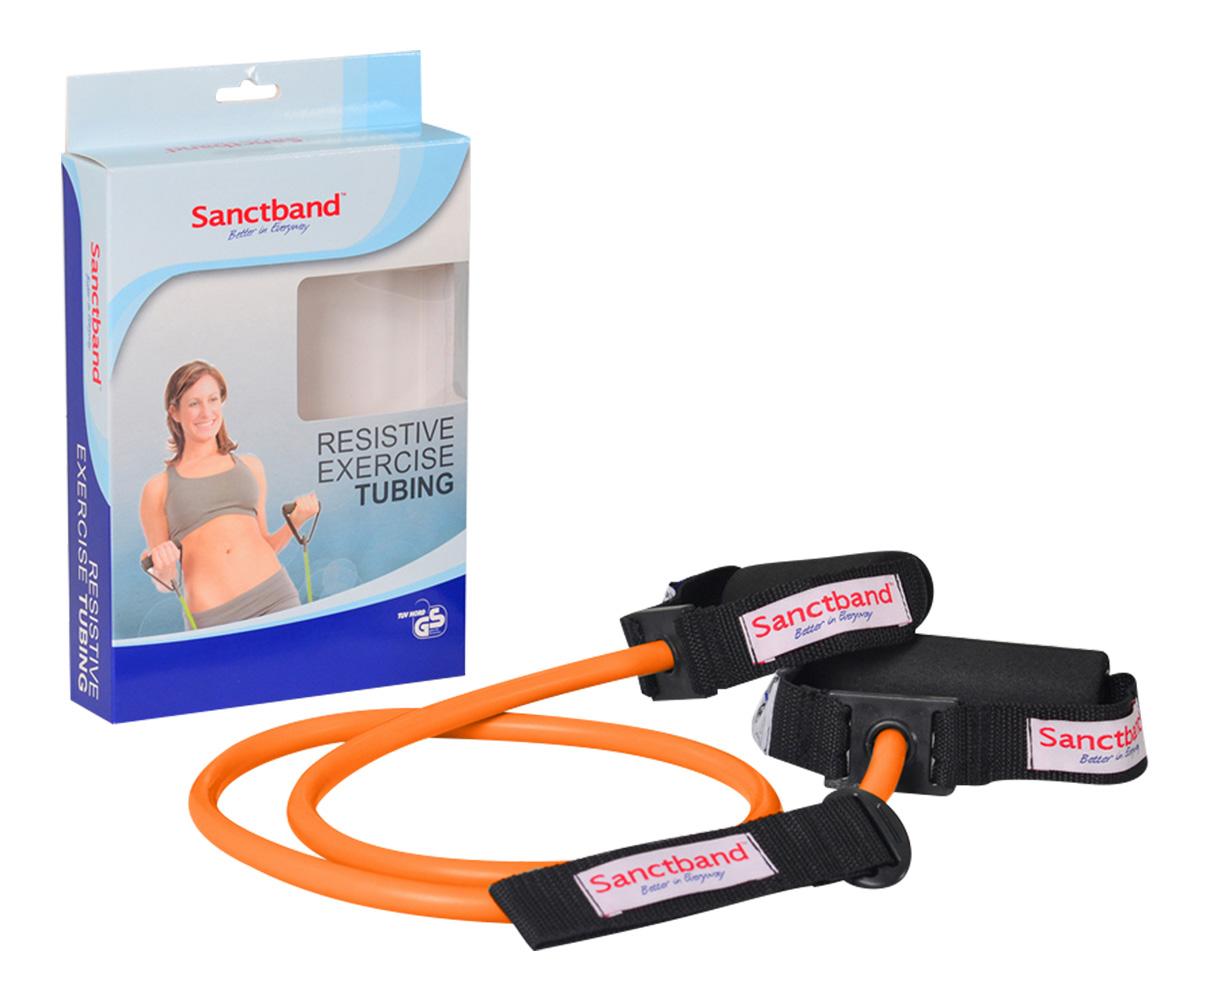 Sanctband Resistive Exercise Tubing Orange